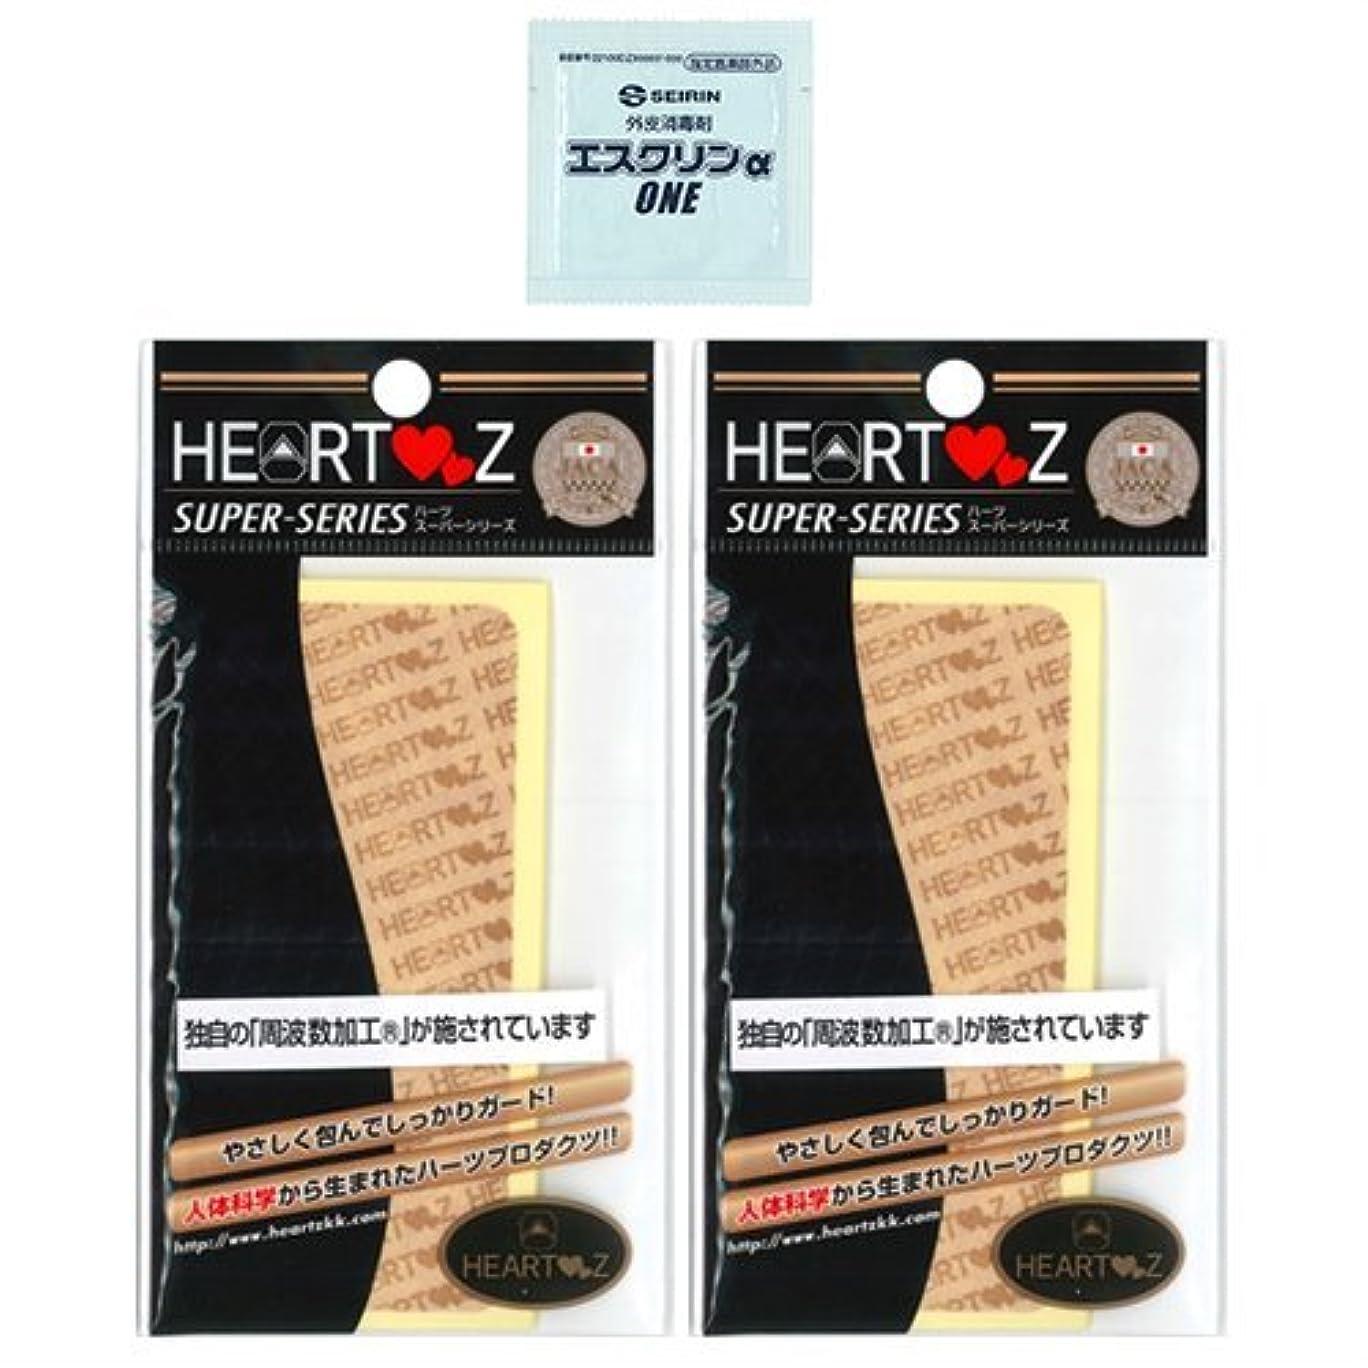 レンチスクラップブックインデックス【HEARTZ(ハーツ)】ハーツスーパーシール ベタ貼りタイプ 8枚入×2個セット (計16枚) + エスクリンαONEx1個 セット